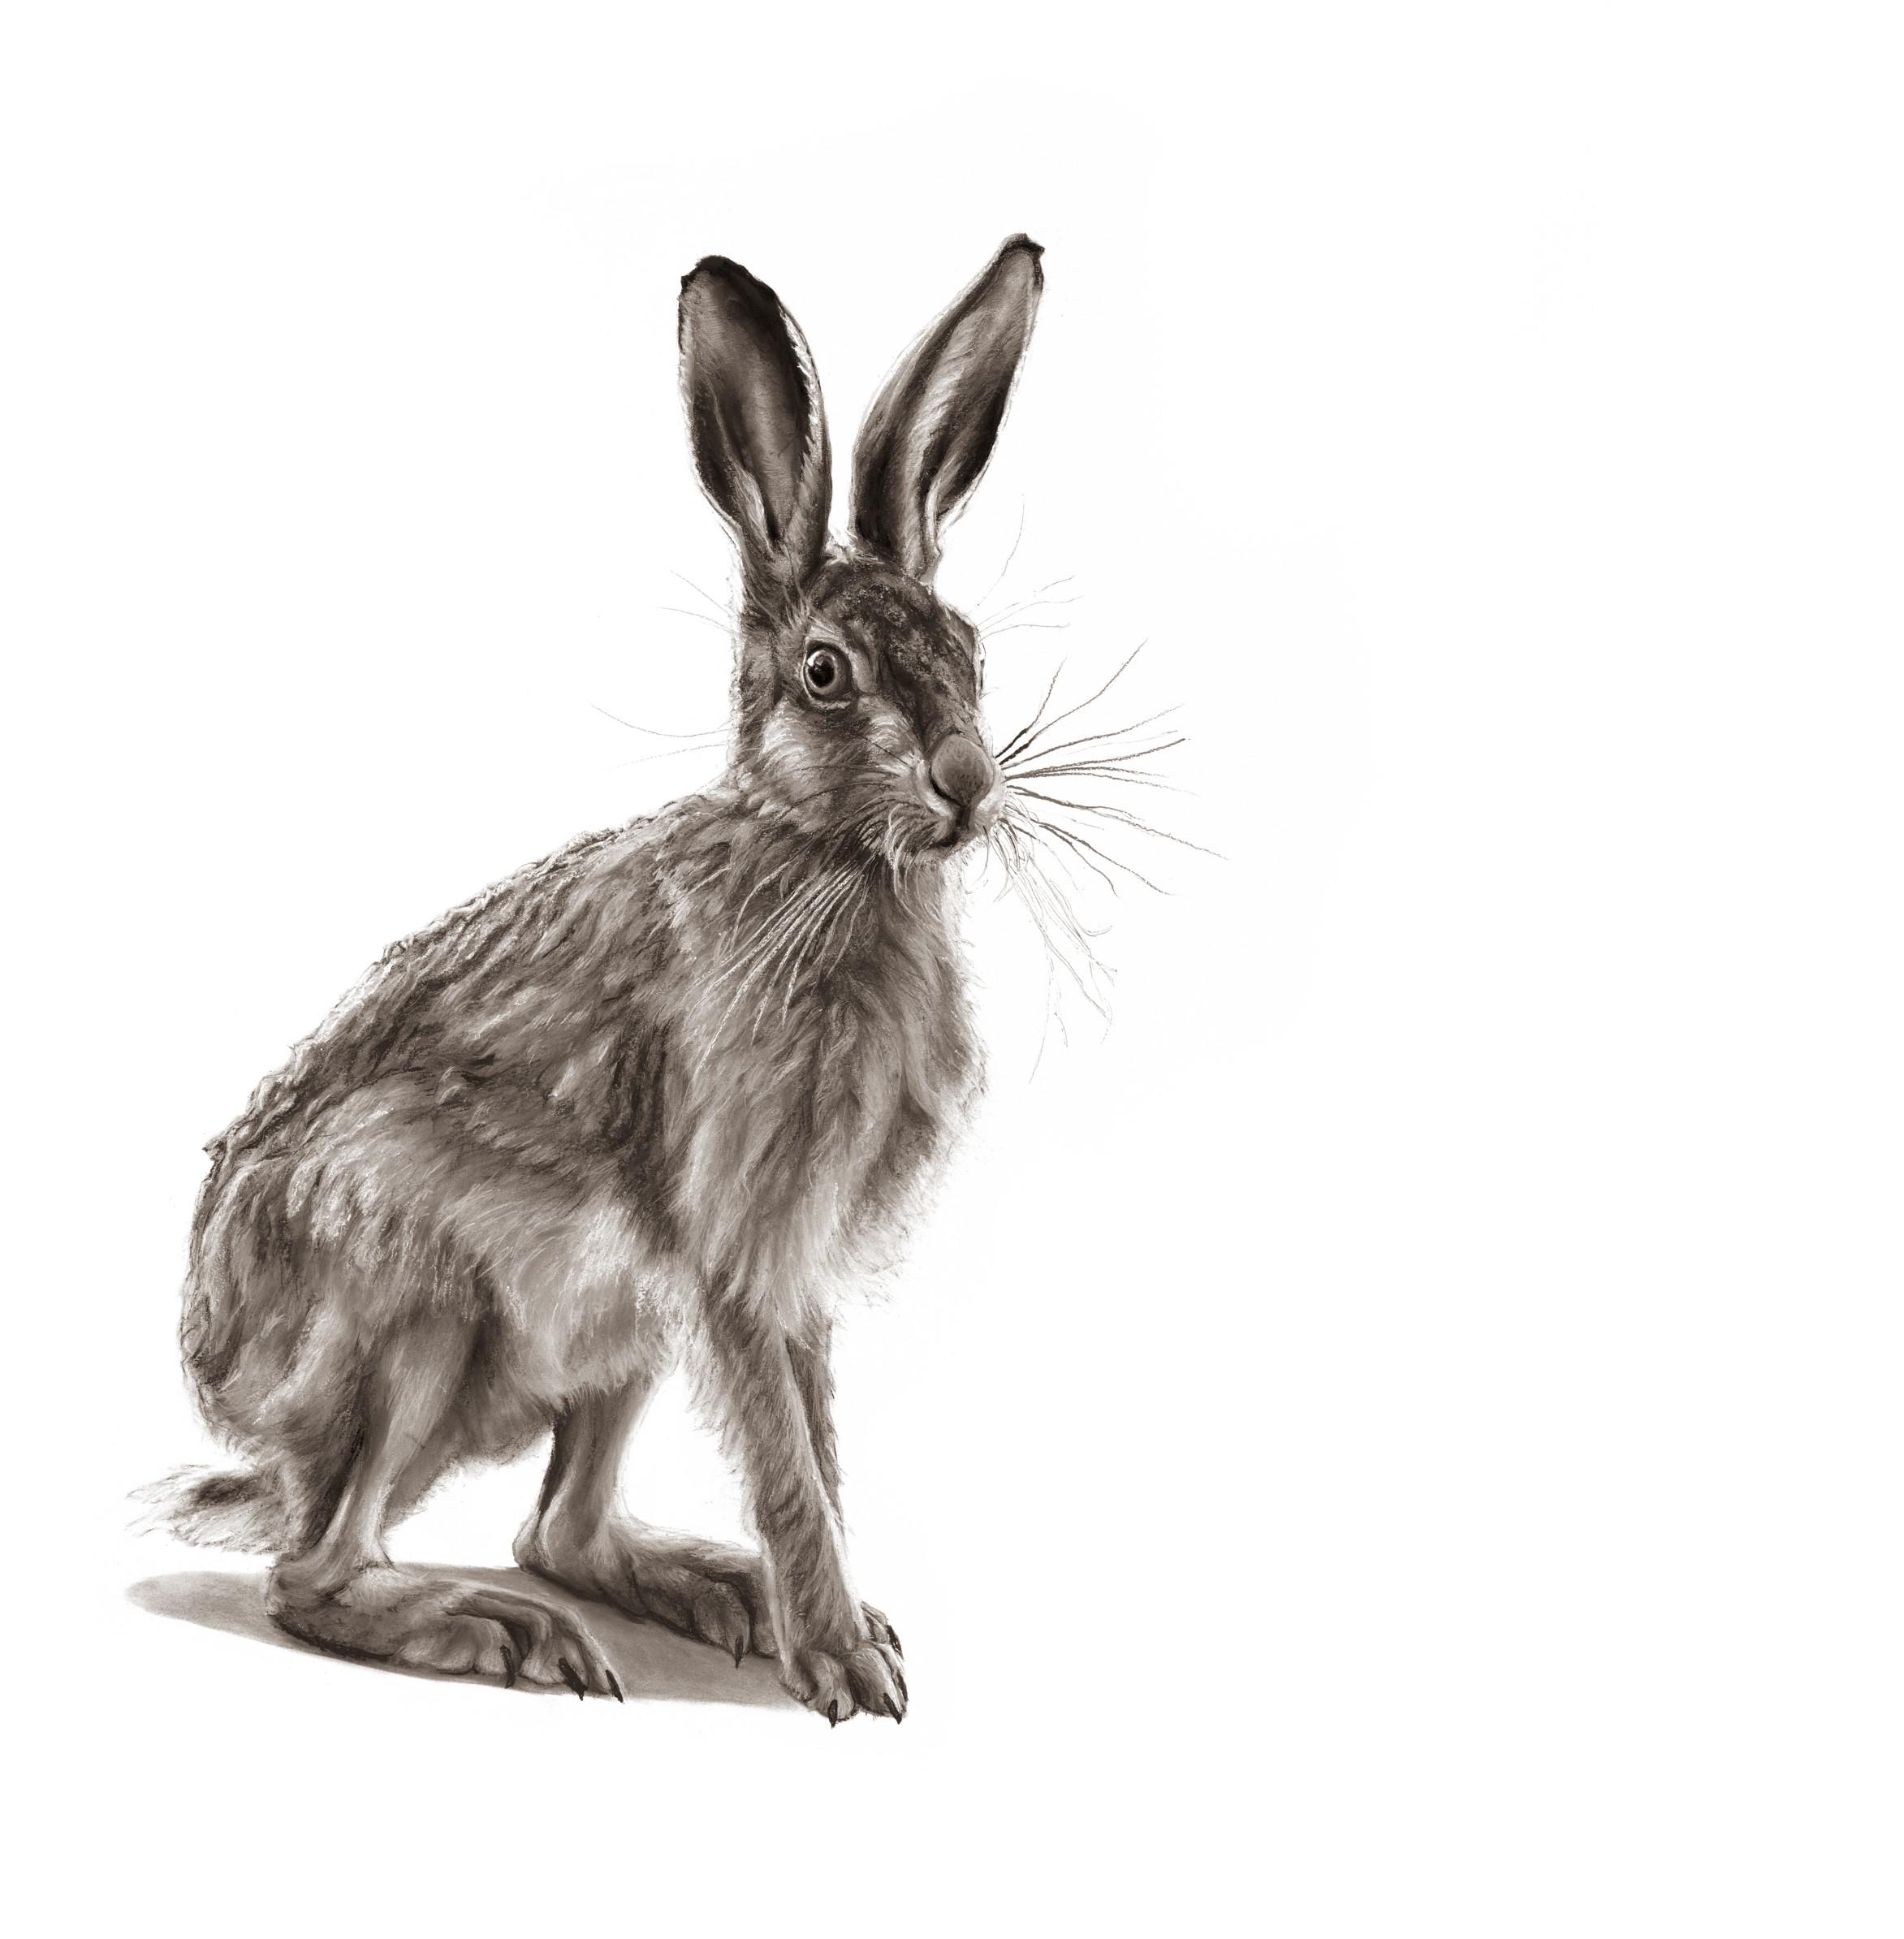 A Nimble Hare